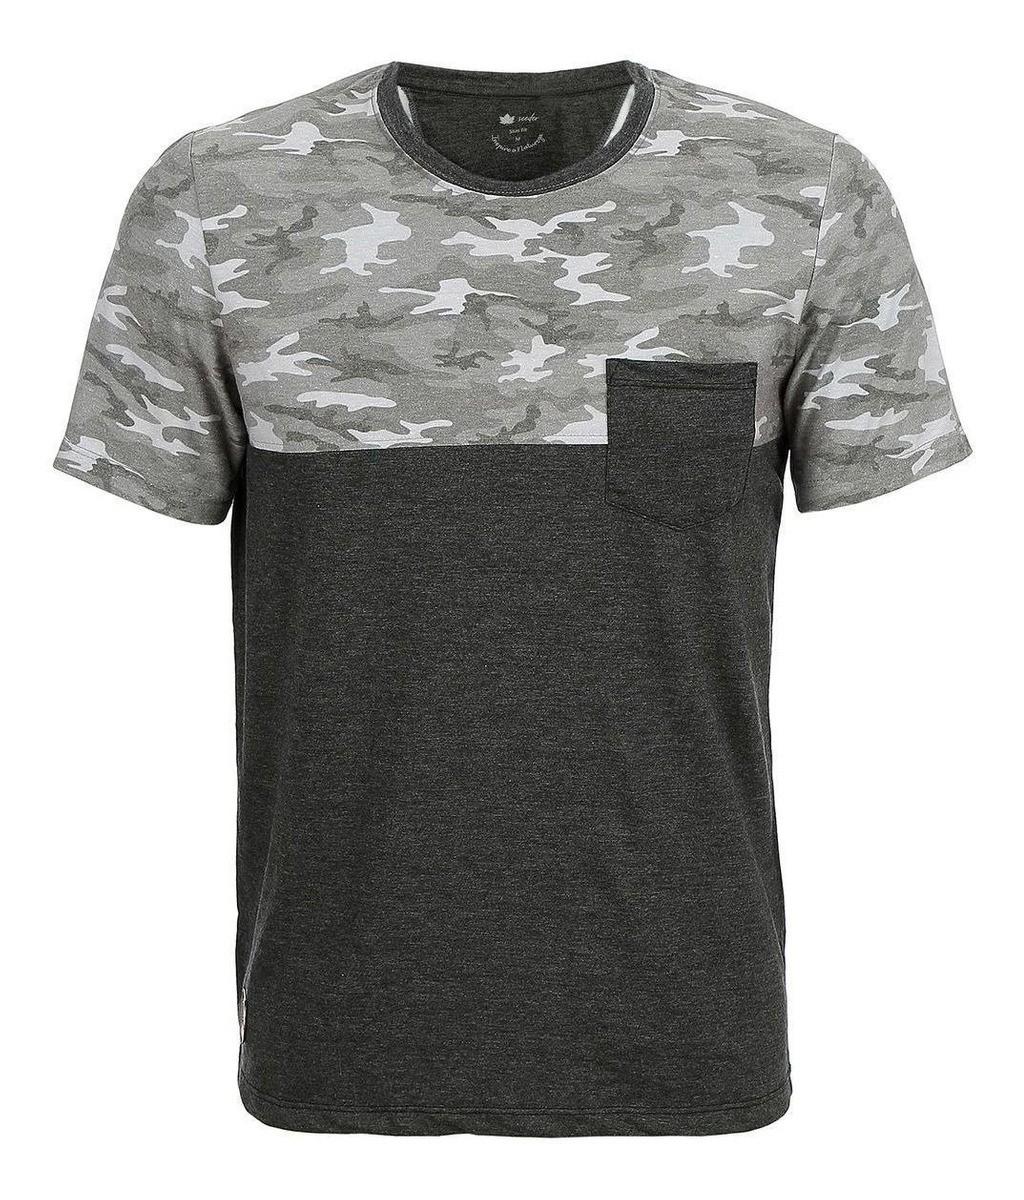 Camiseta Seeder Meia Malha com Bolso Cinza